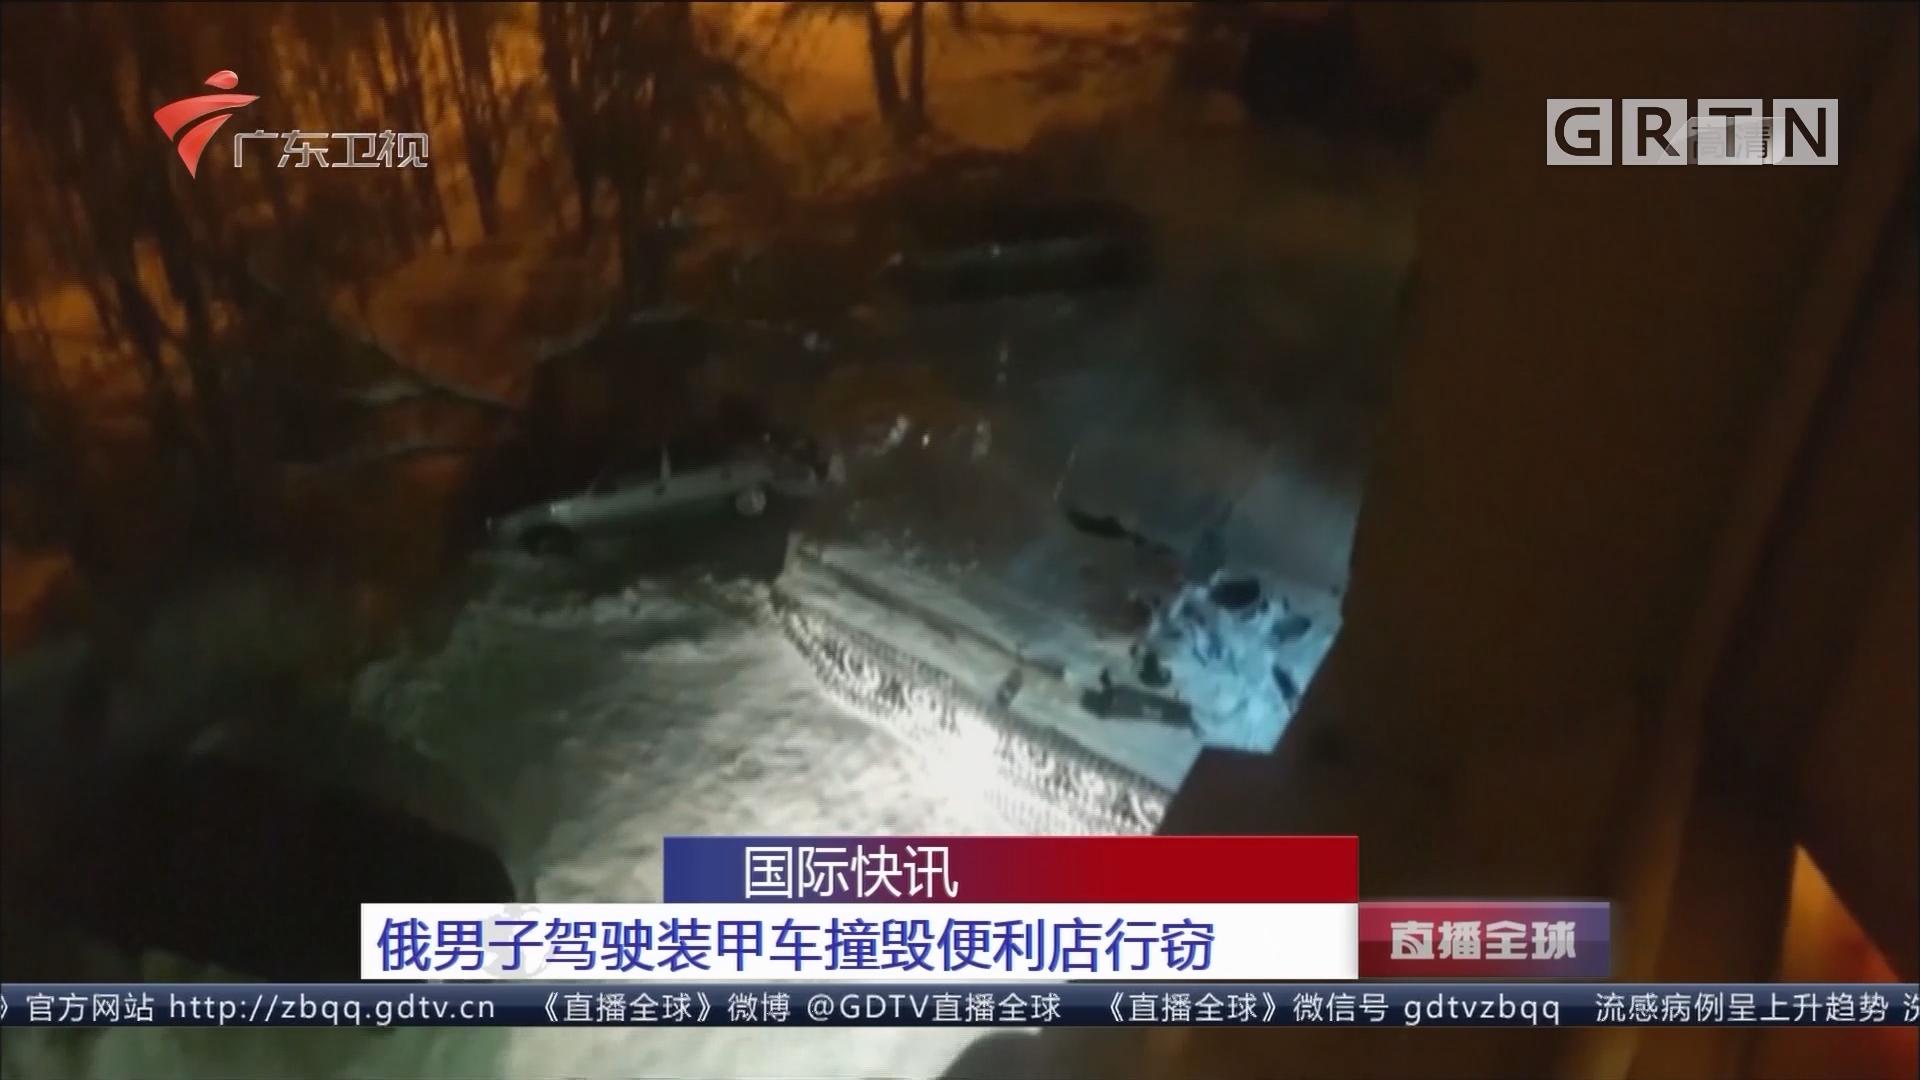 俄男子驾驶装甲车撞毁便利店行窃